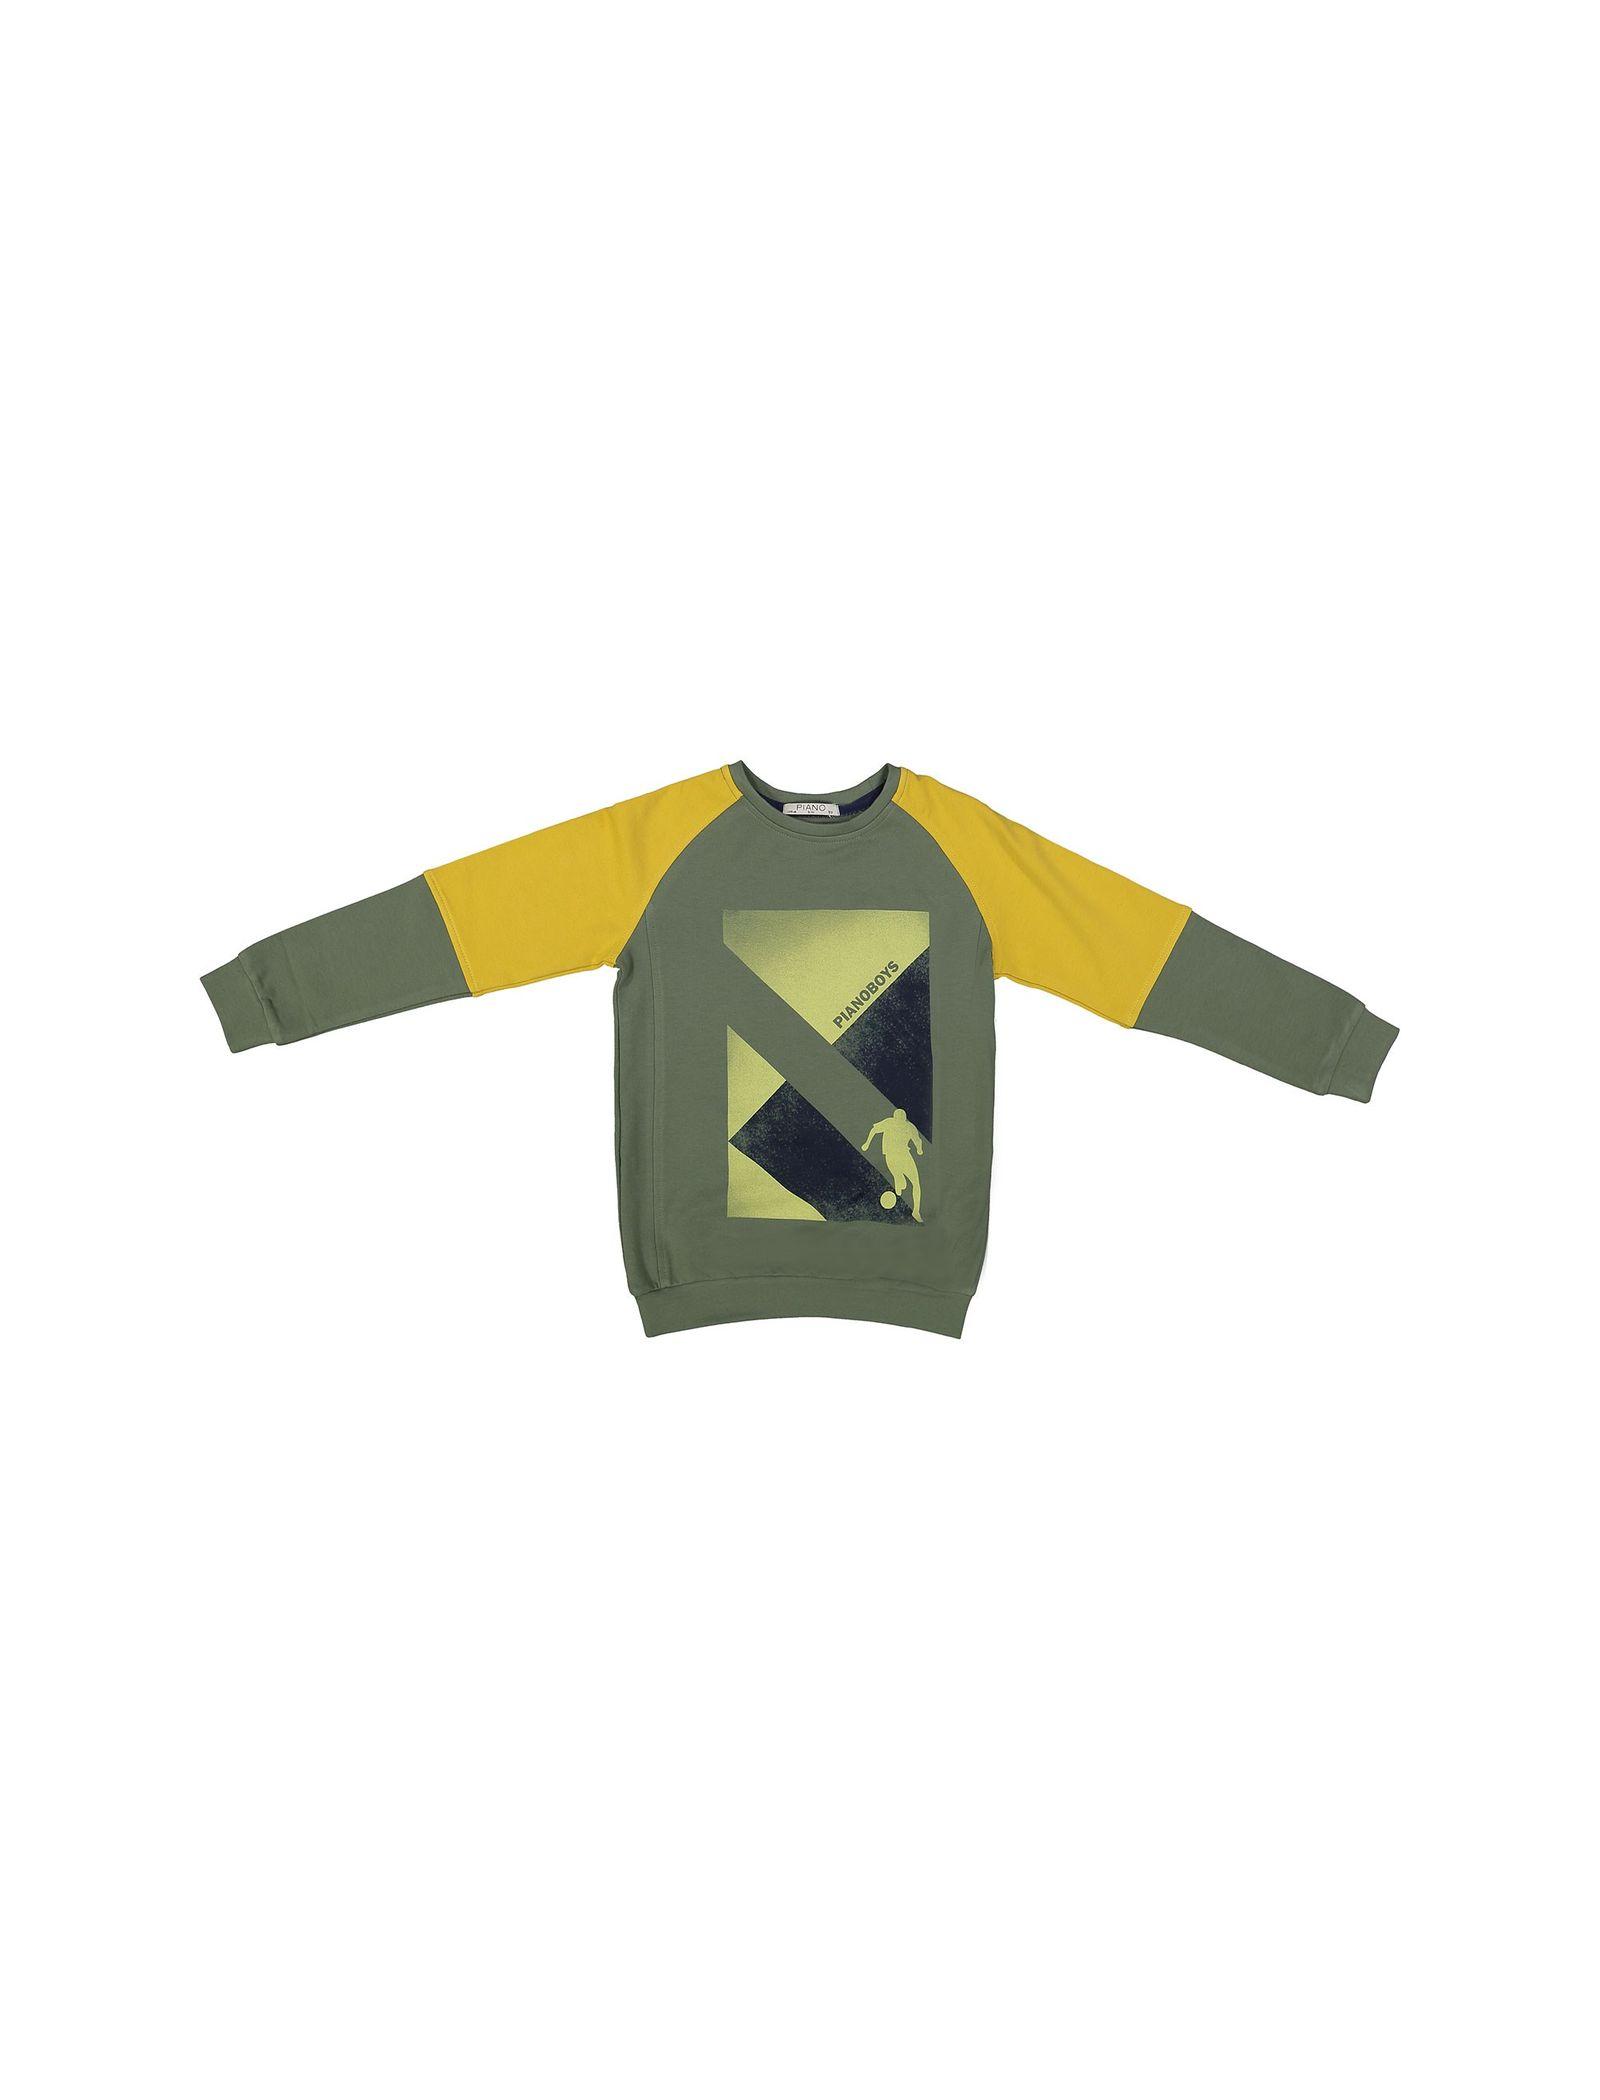 پیراهن و شلوار پسرانه - پیانو - سبز - 2